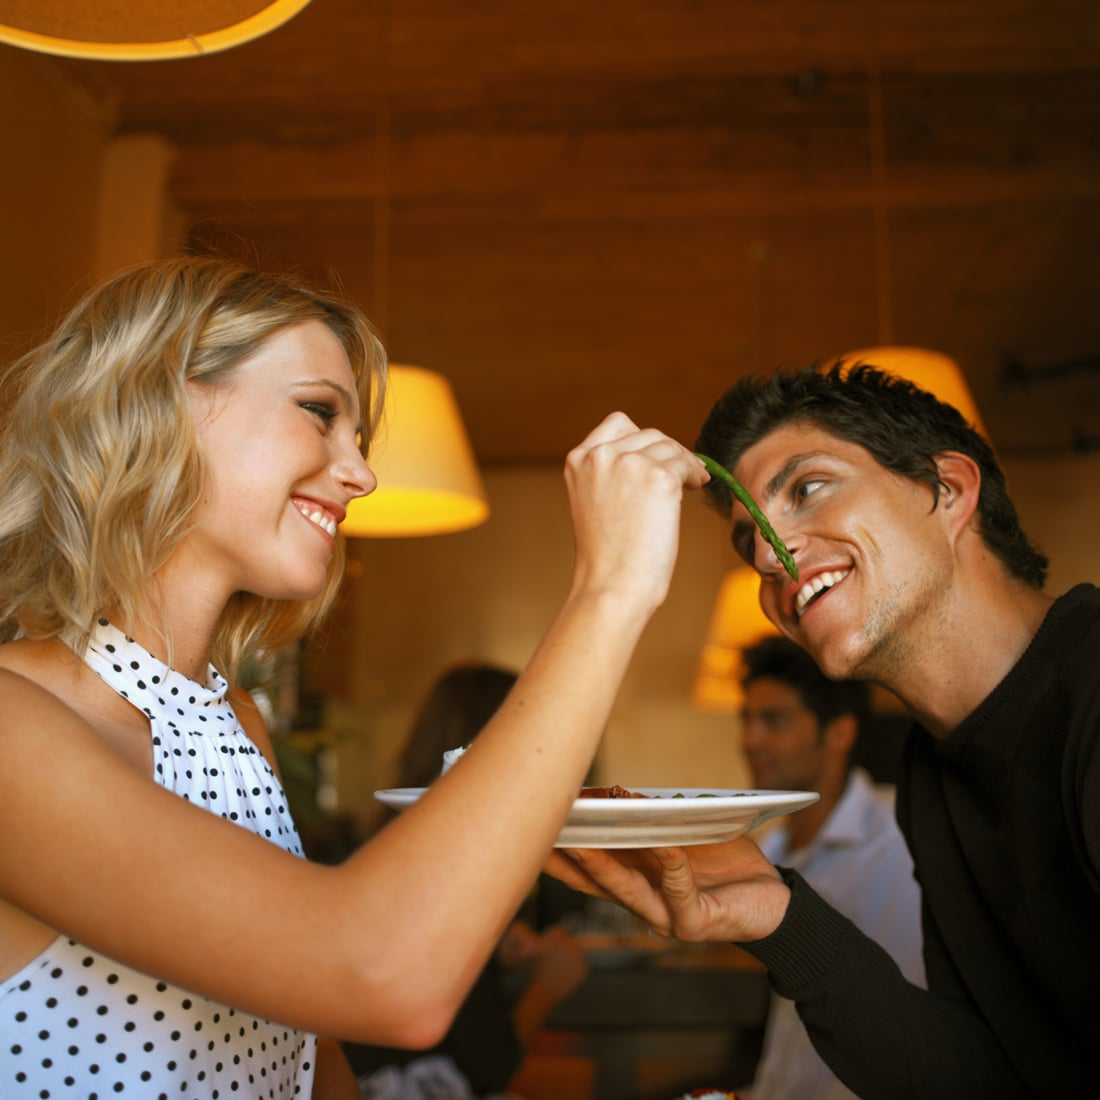 Sharing a Dish